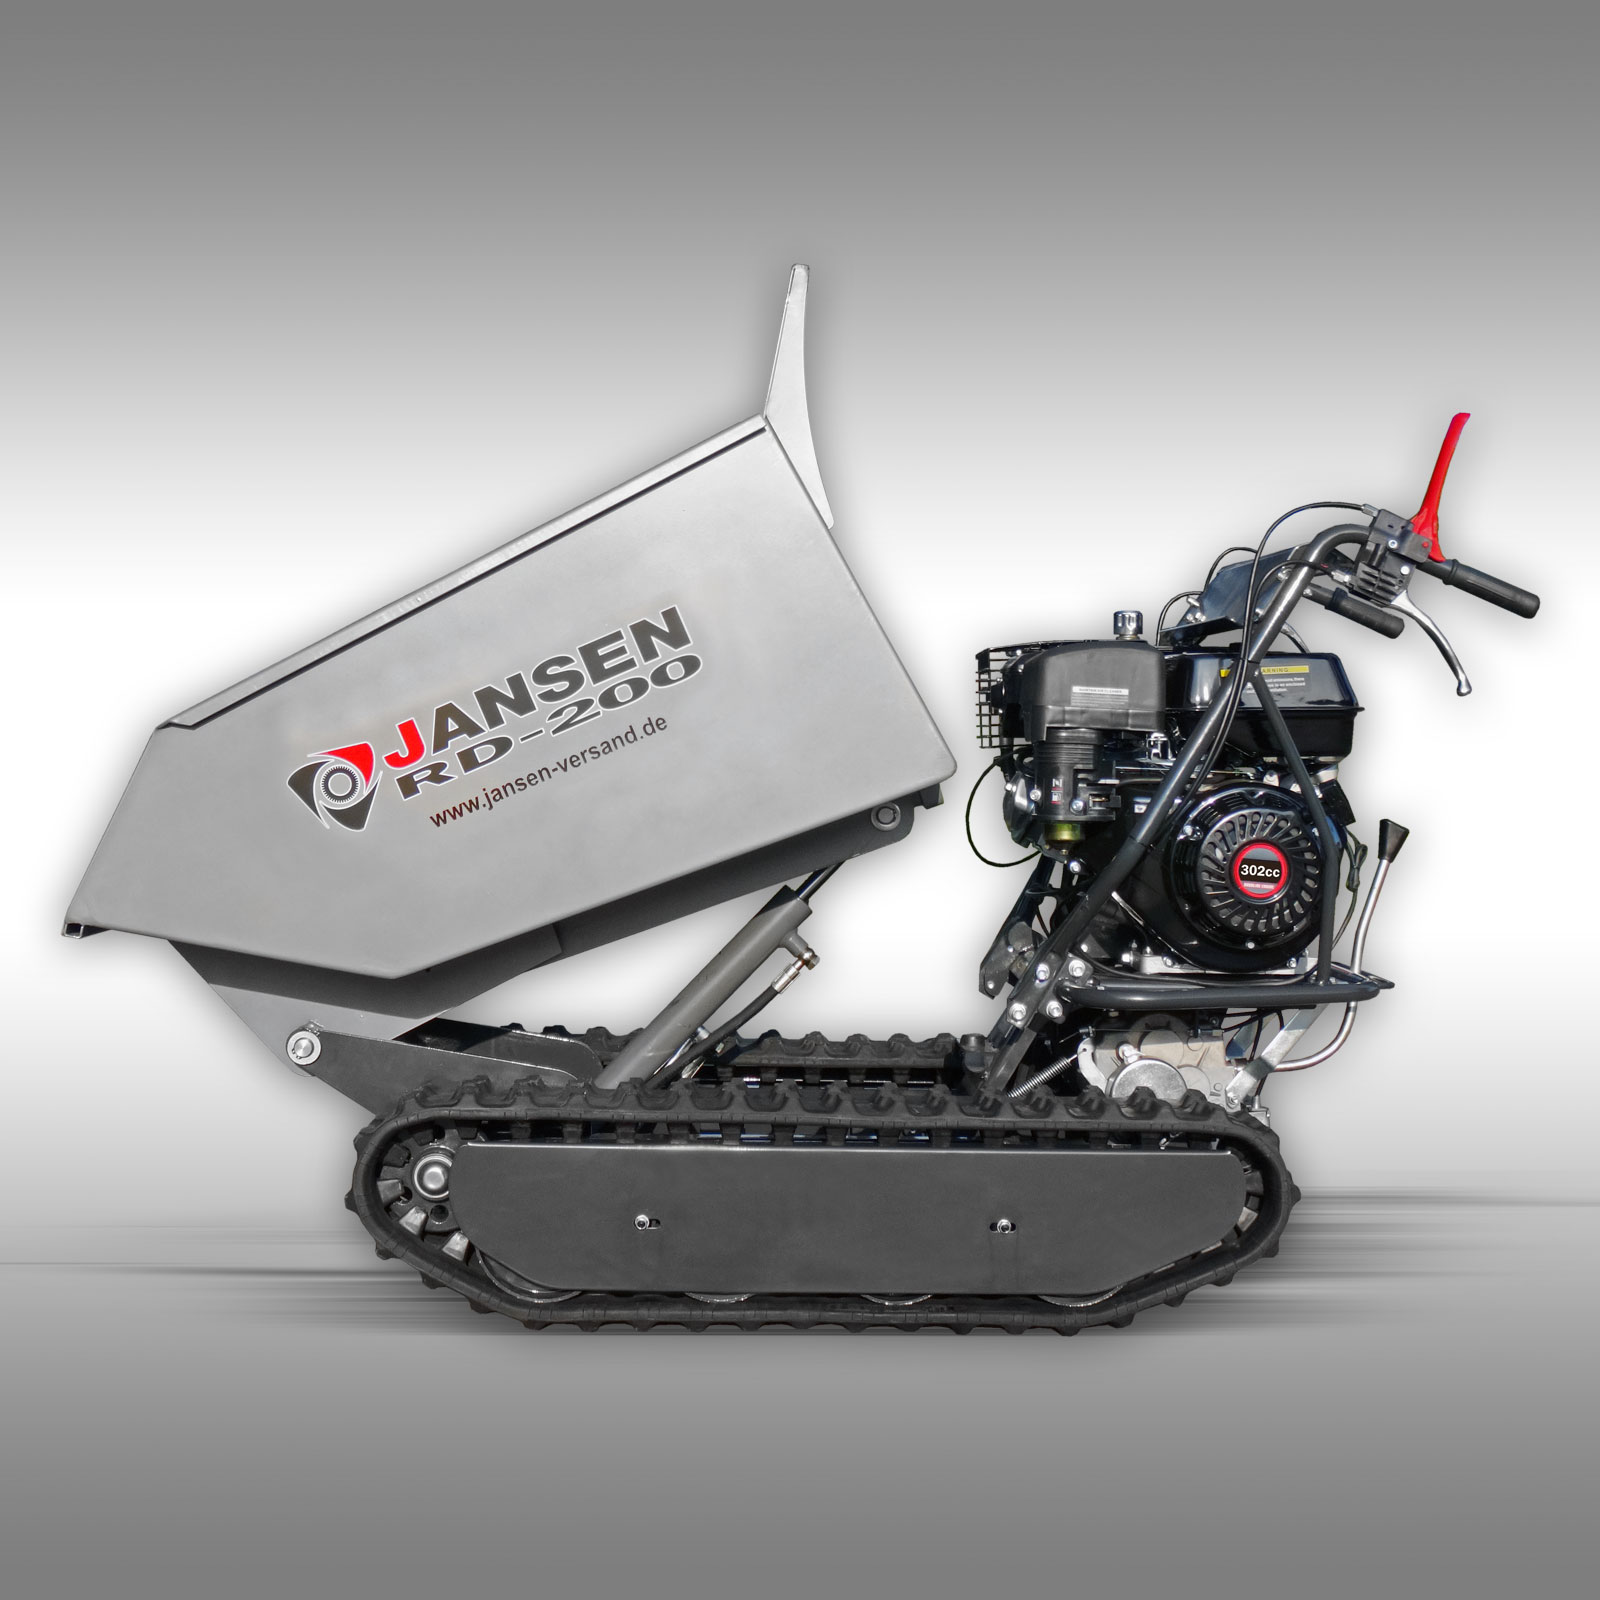 Jansen Rupsdumper RD-300, hydraulische kiepbak, 9PK benzinemotor